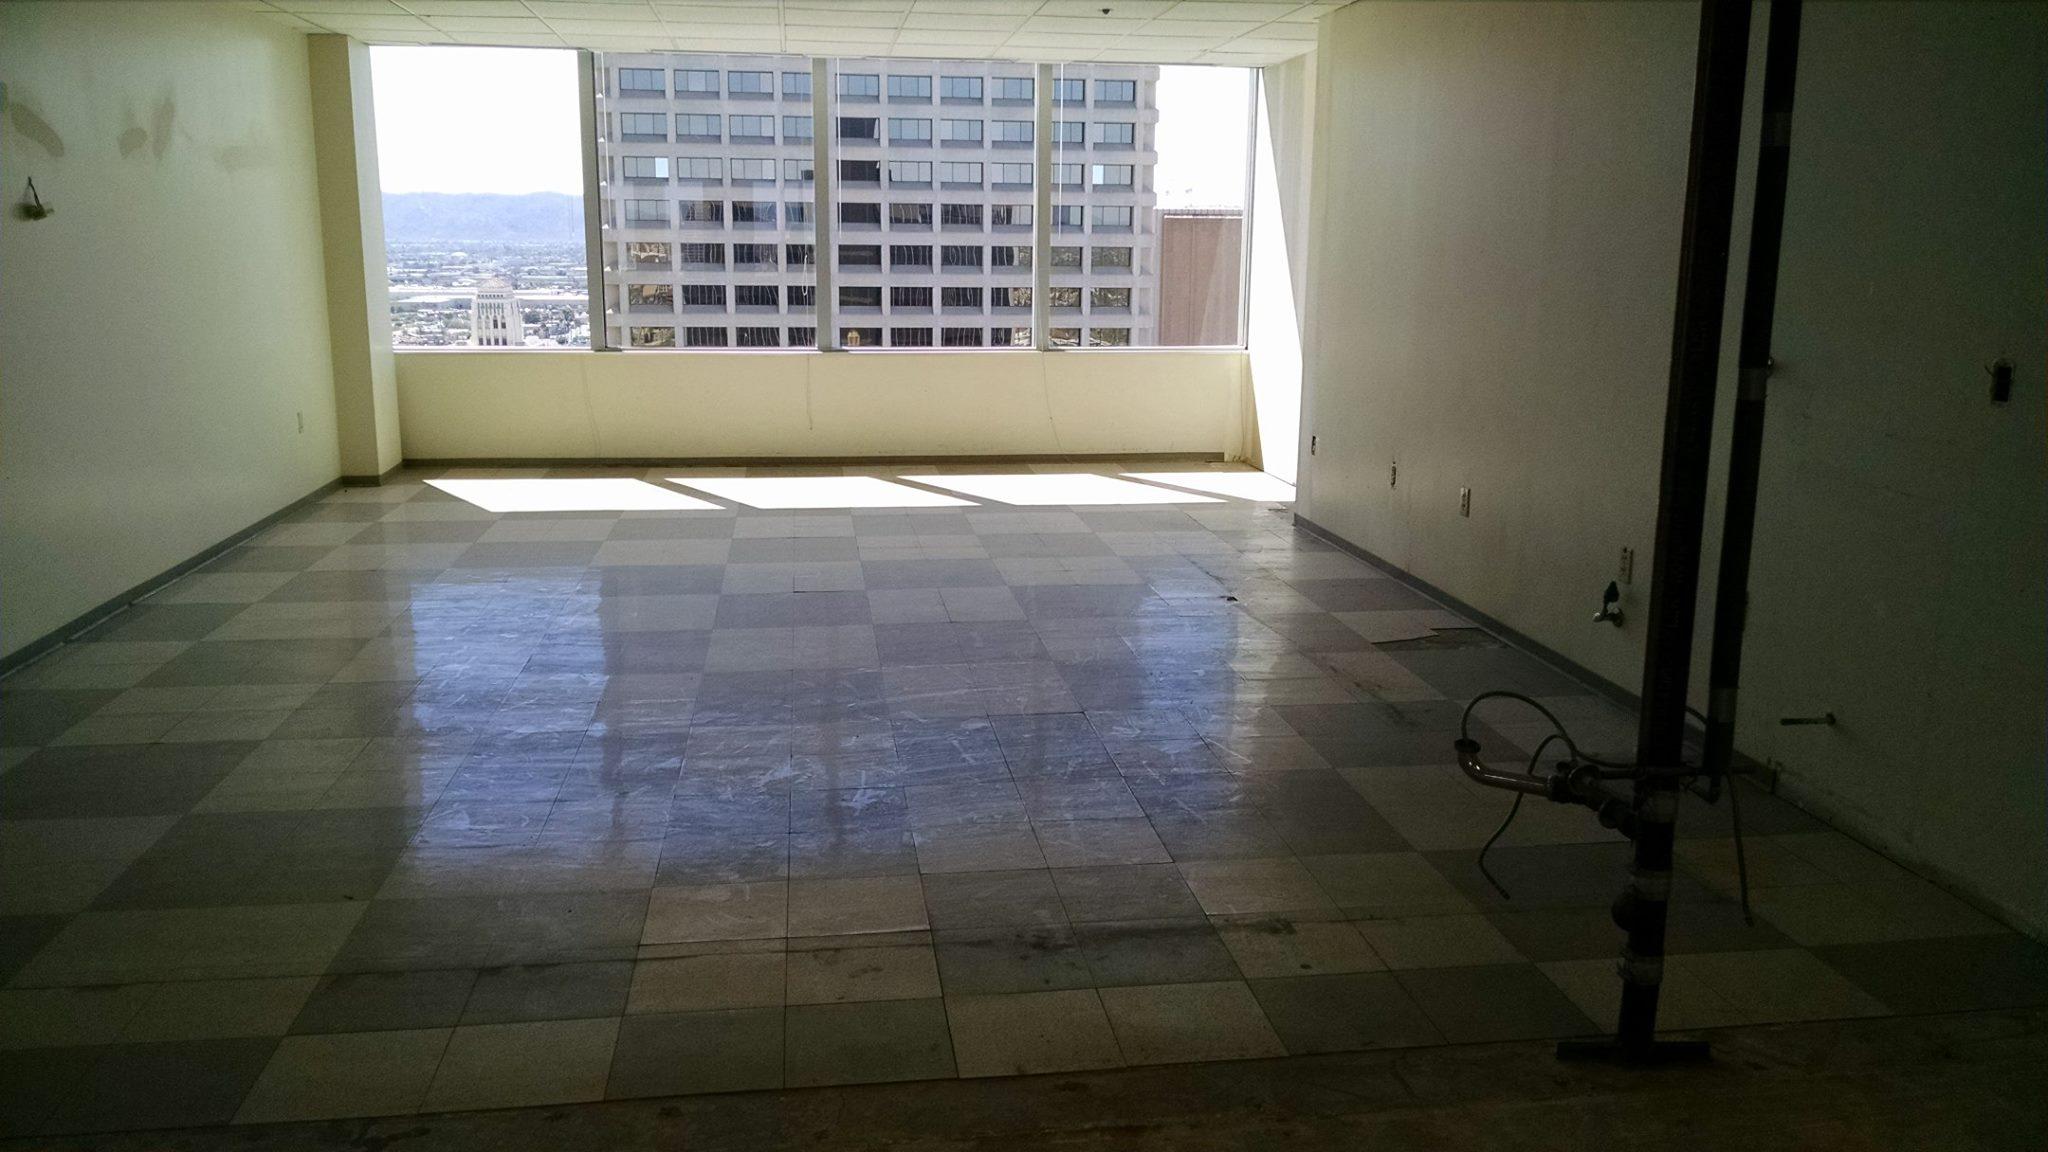 former kitchen 18th floor 111 w monroe az attorney